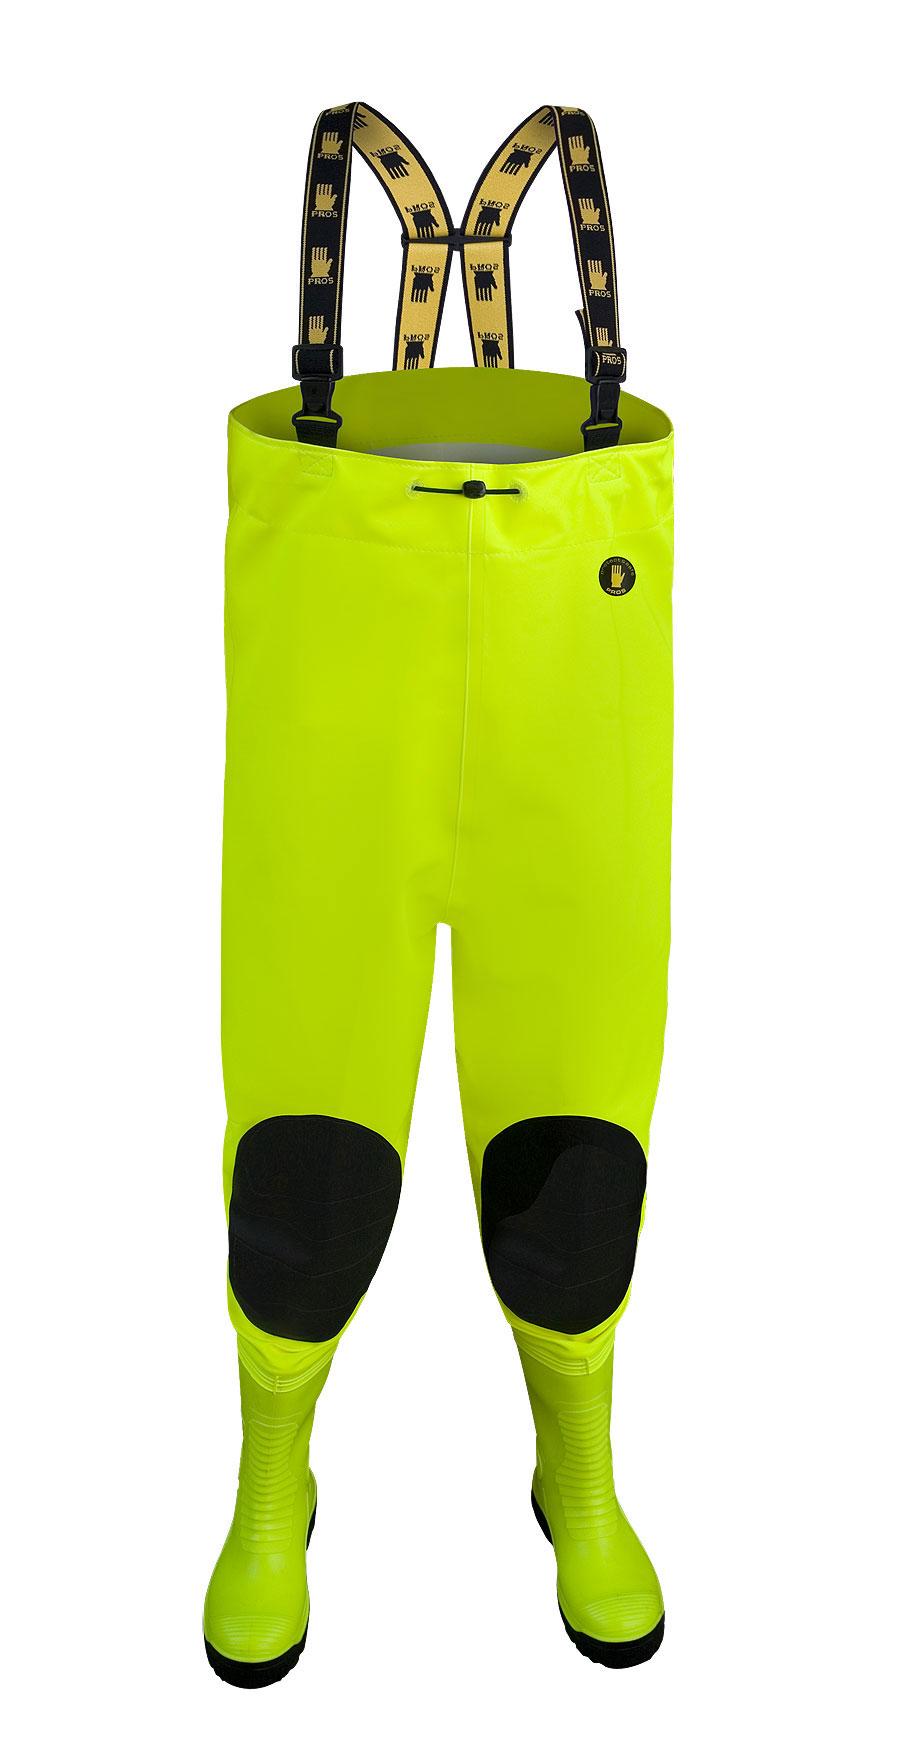 Brodící kalhoty MAX Fluo žluté vel.45    SBM01 Fluo žl.  PROS